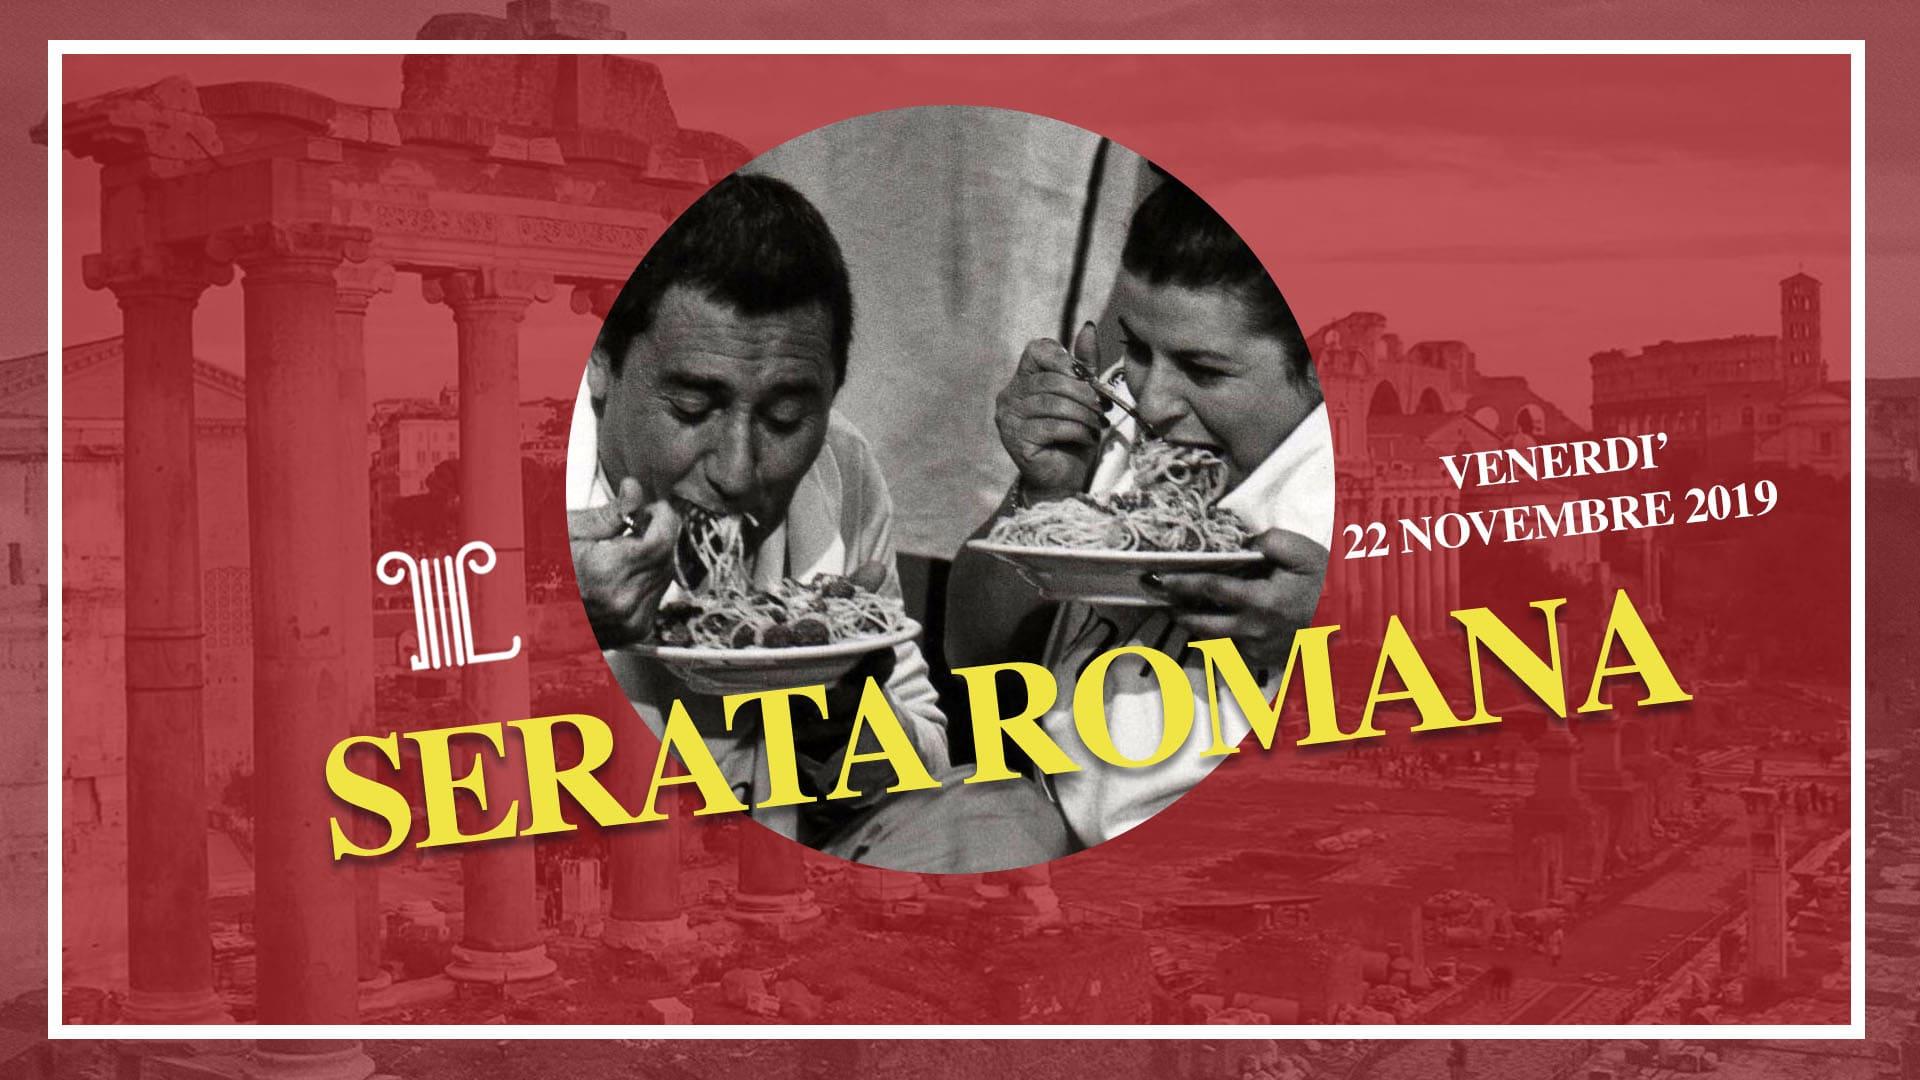 L'altra tappa - Serata romana evento 22 Novembre